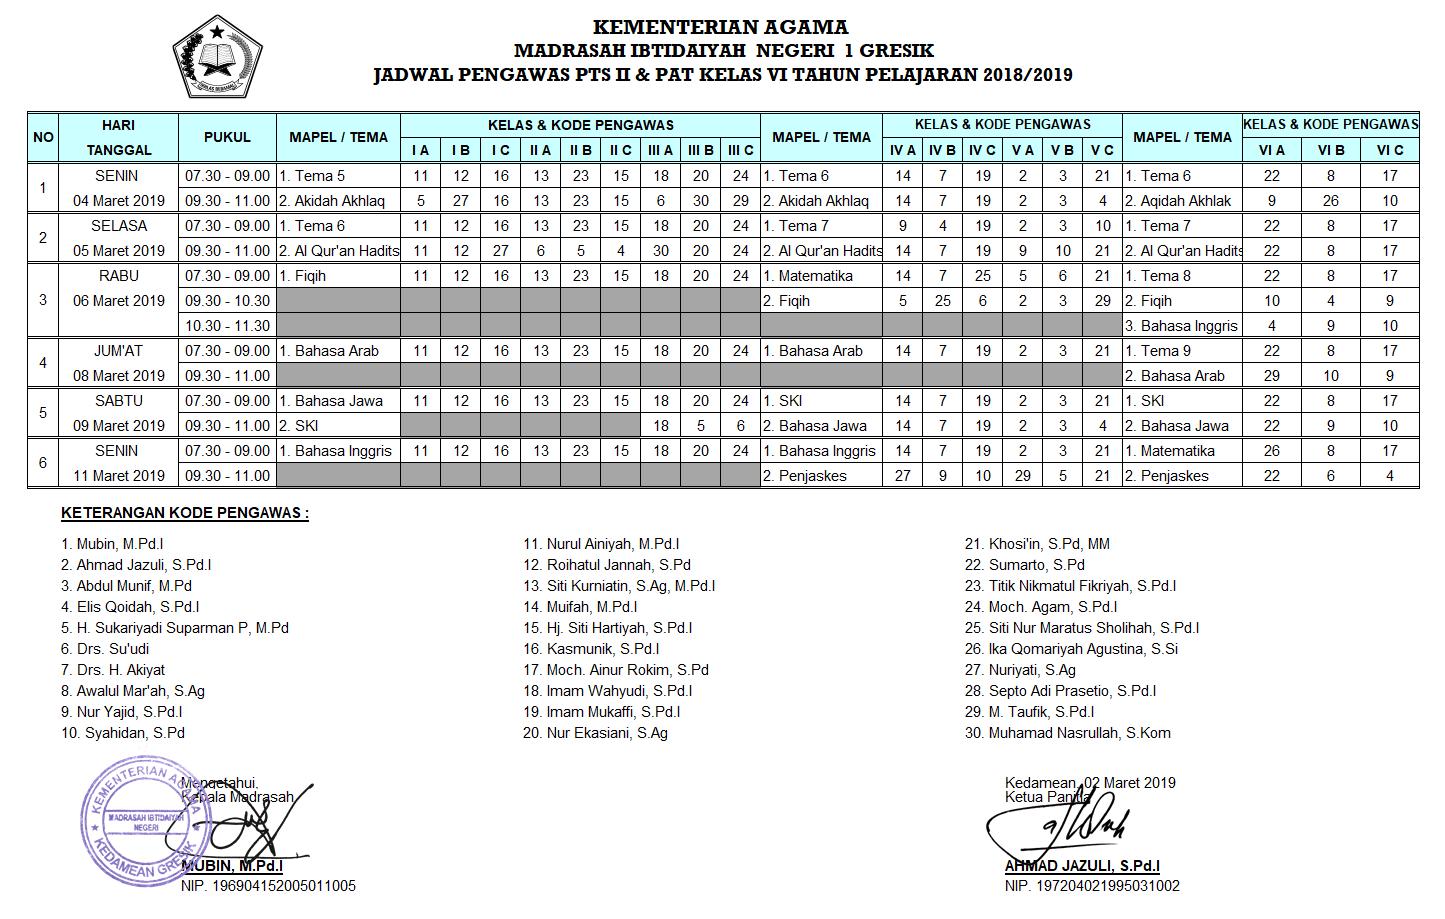 Jadwal PTS dan PAT 2018/2019